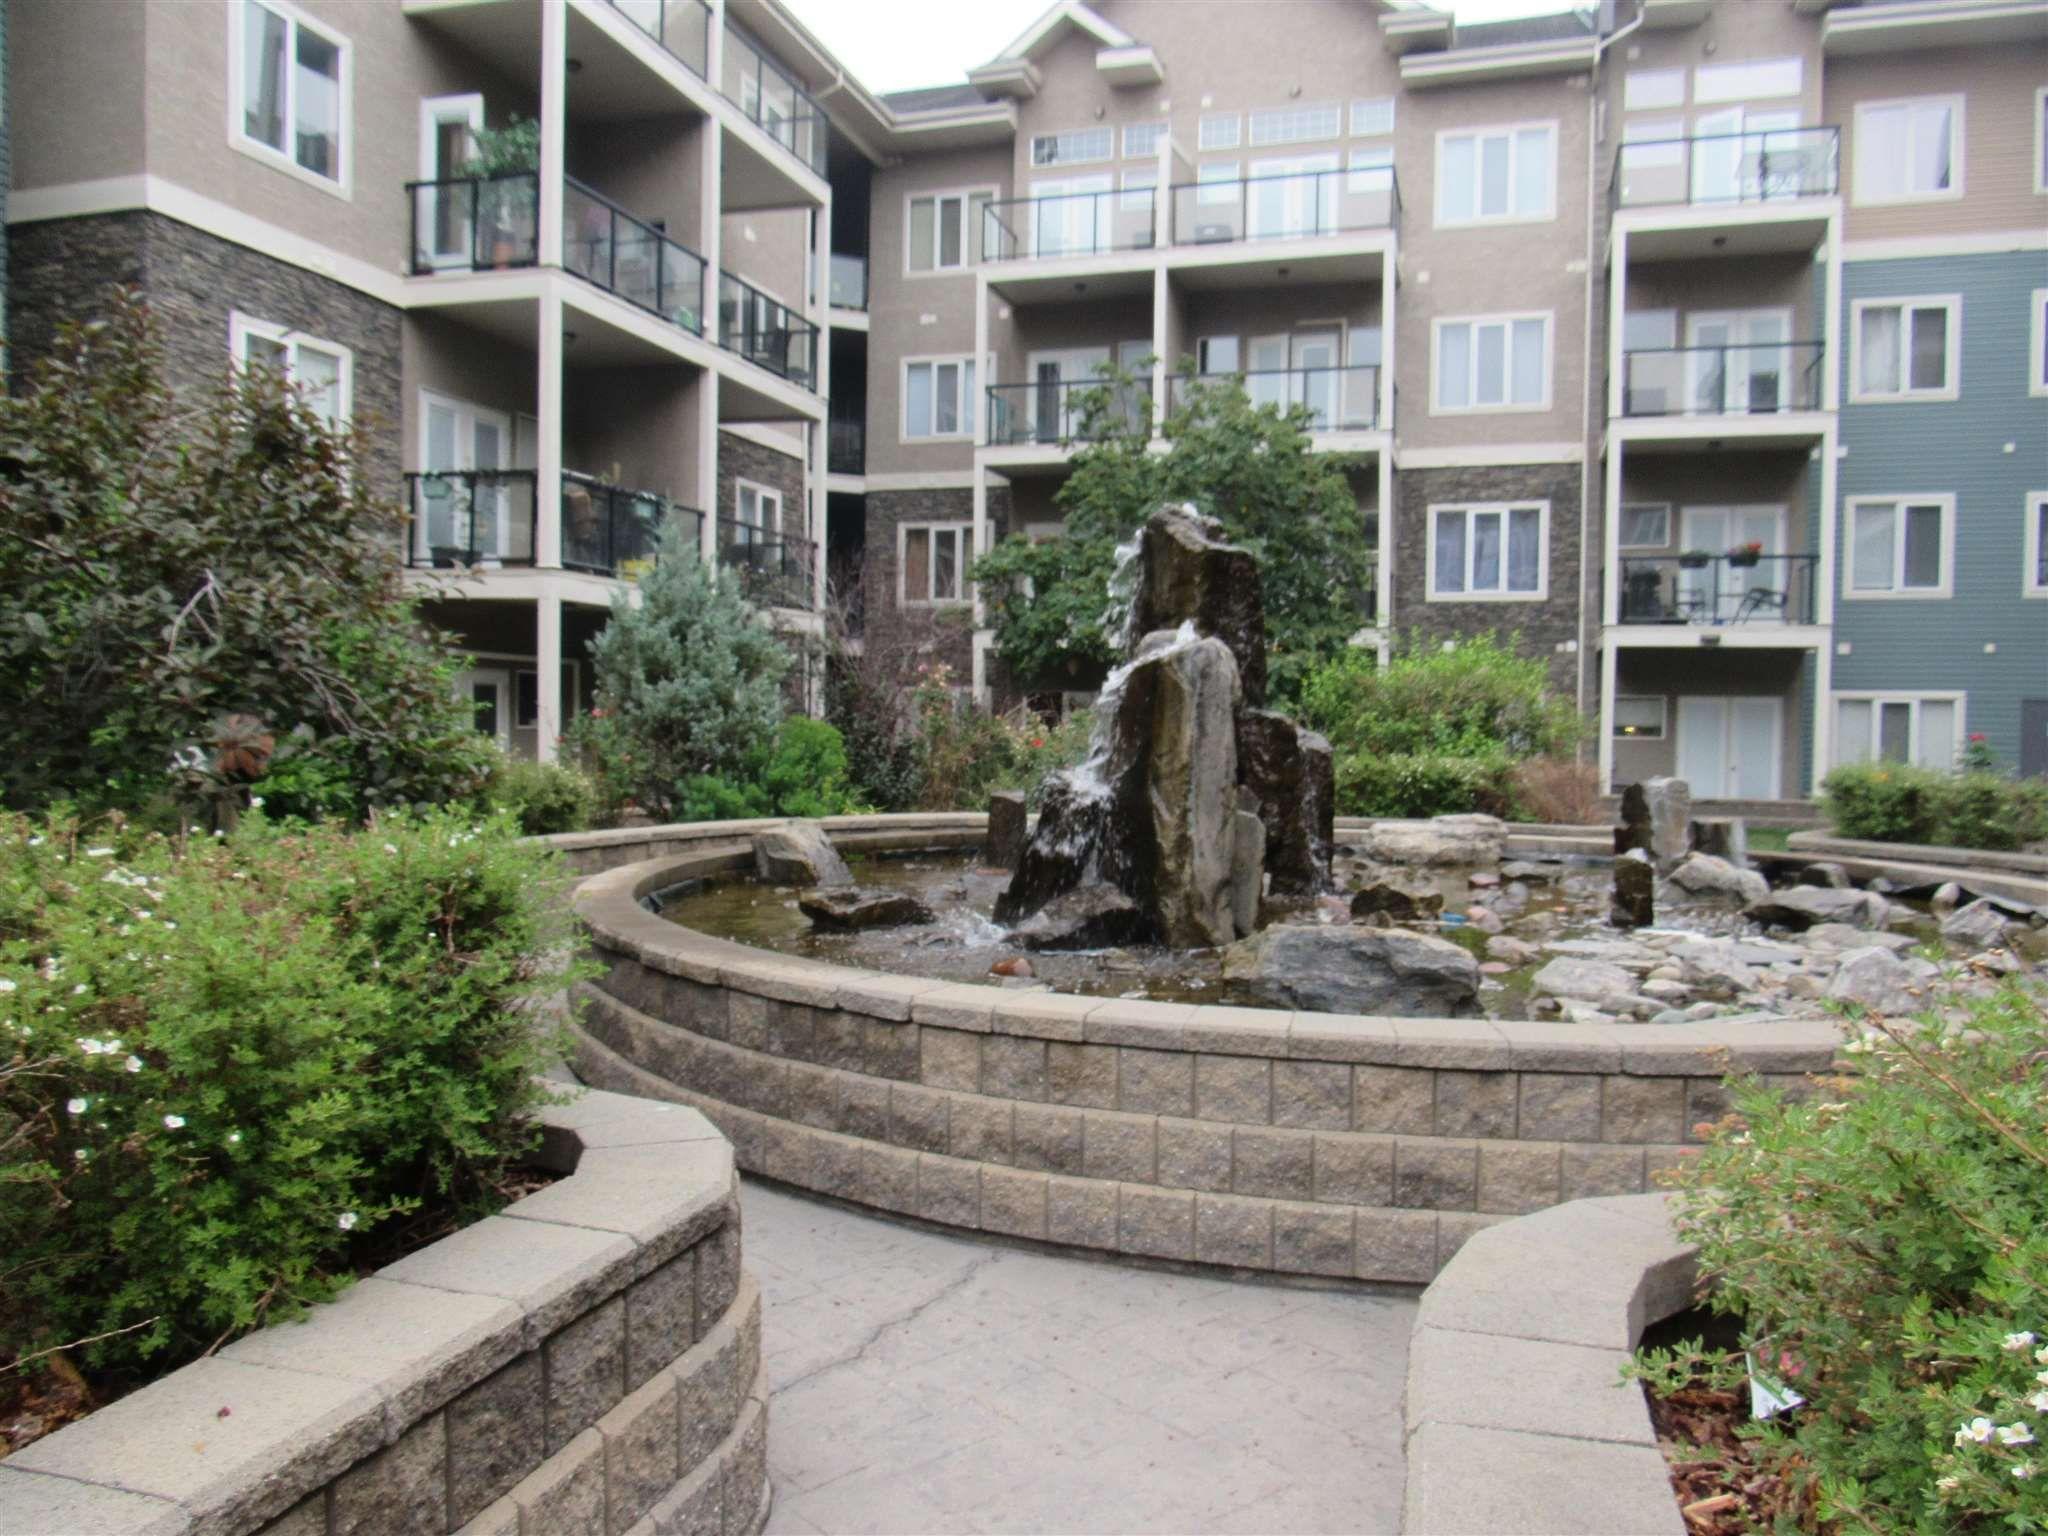 Main Photo: 329 10121 80 Avenue in Edmonton: Zone 17 Condo for sale : MLS®# E4255025